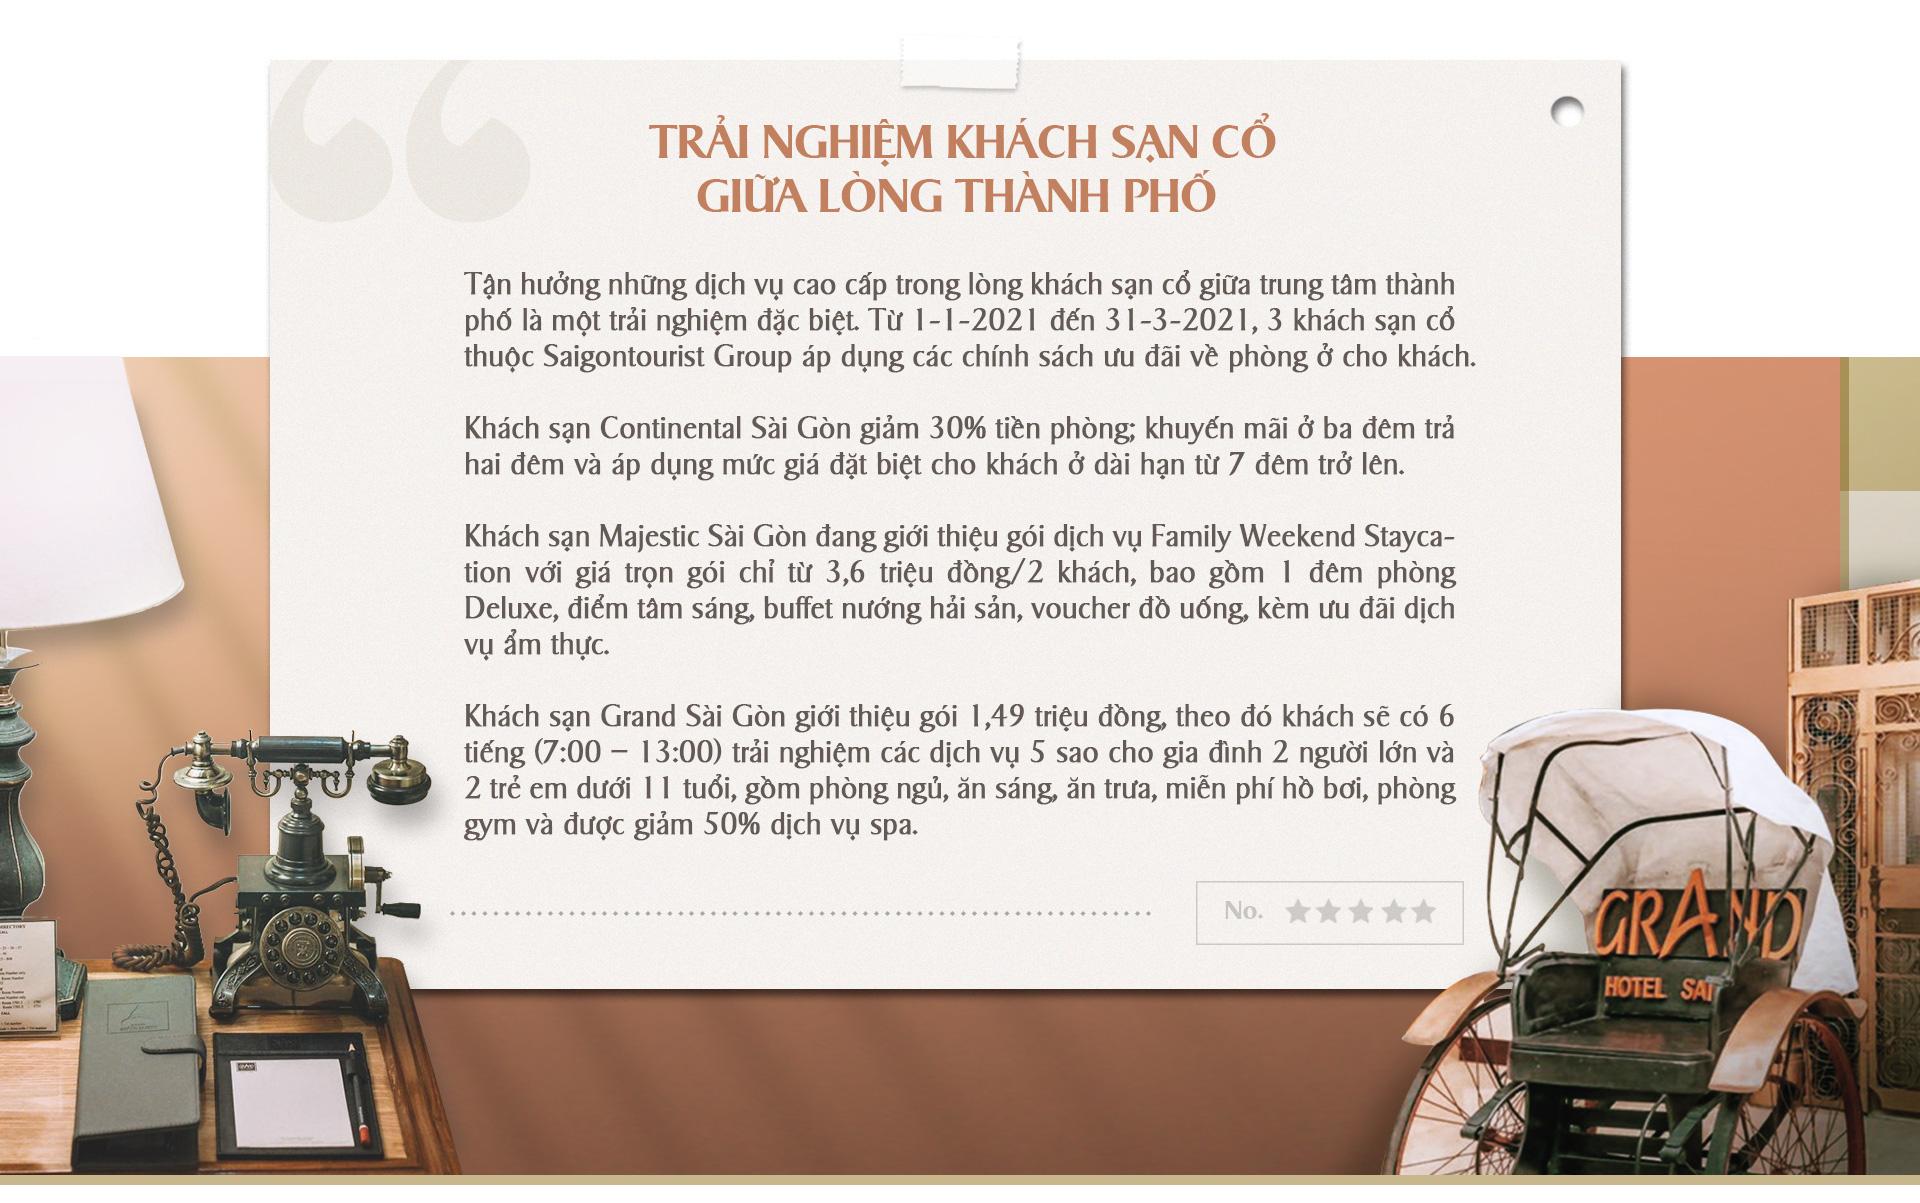 Khách sạn Majestic Sài Gòn: Một biểu tượng tráng lệ do người Việt đầu tư, quản lý - Ảnh 10.